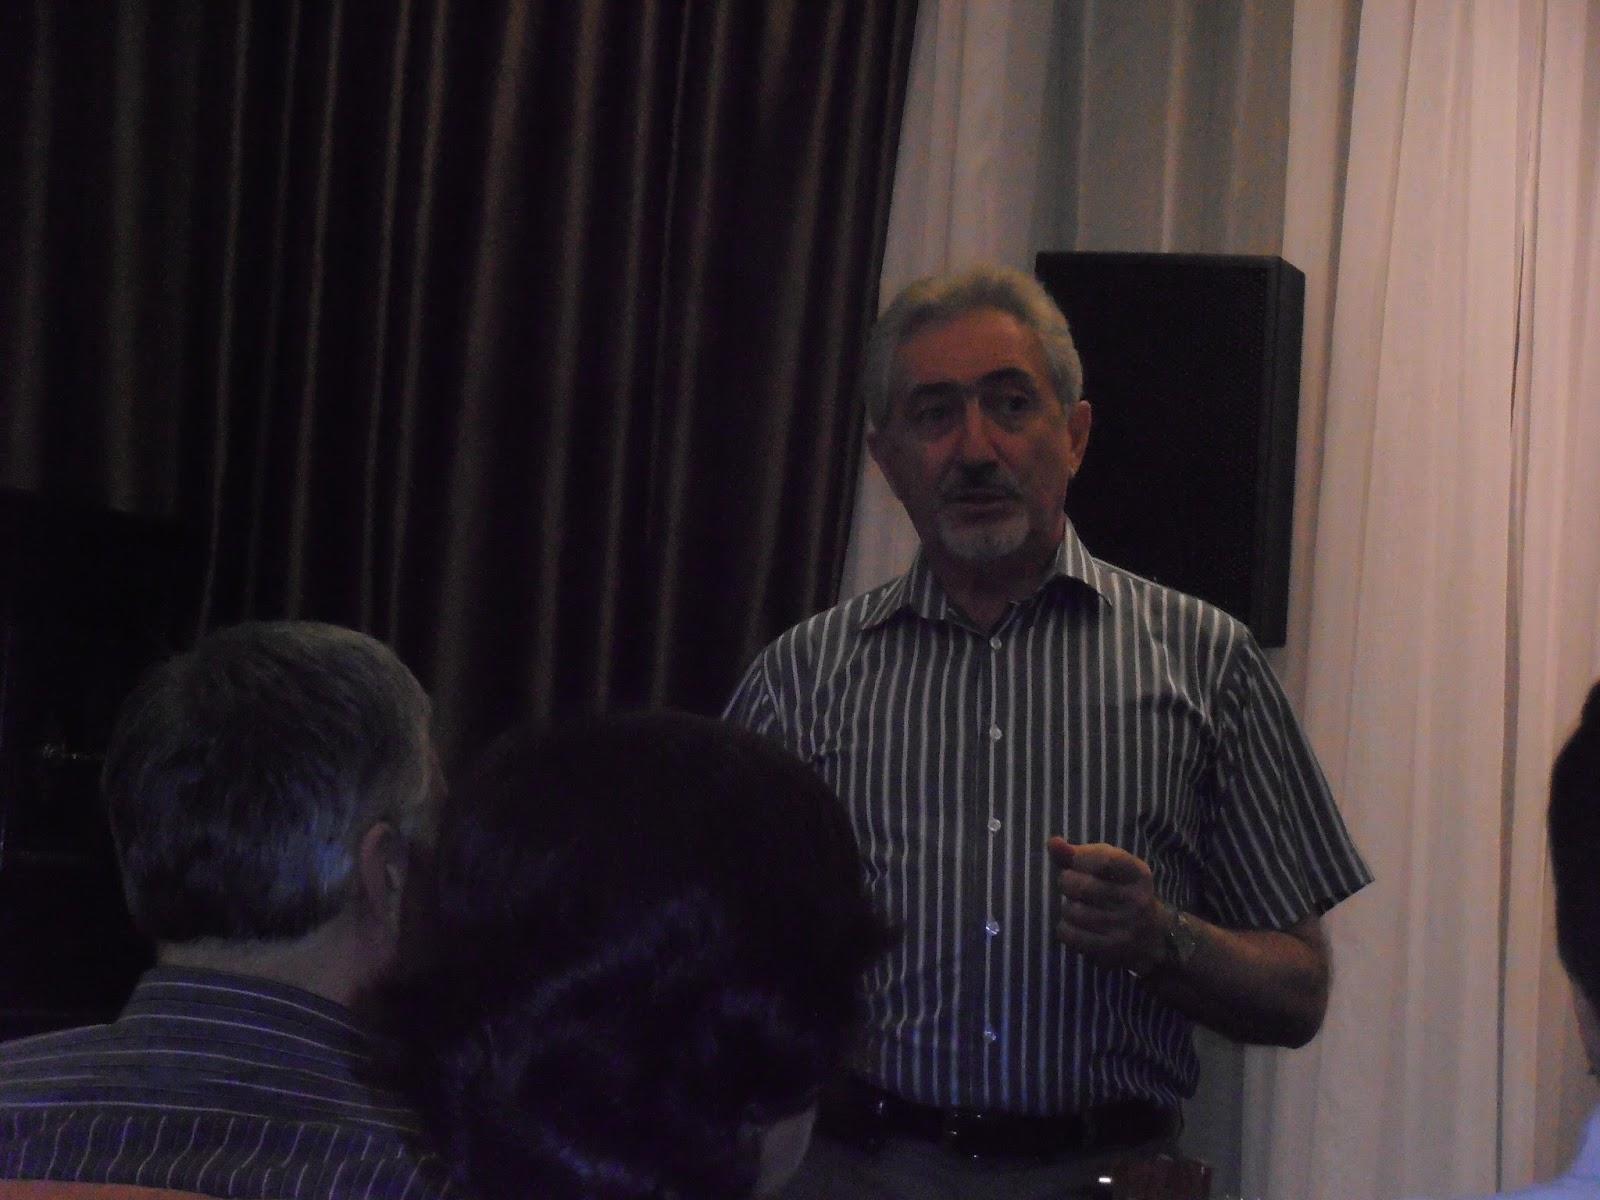 презентации к юбилею творческой деятельности